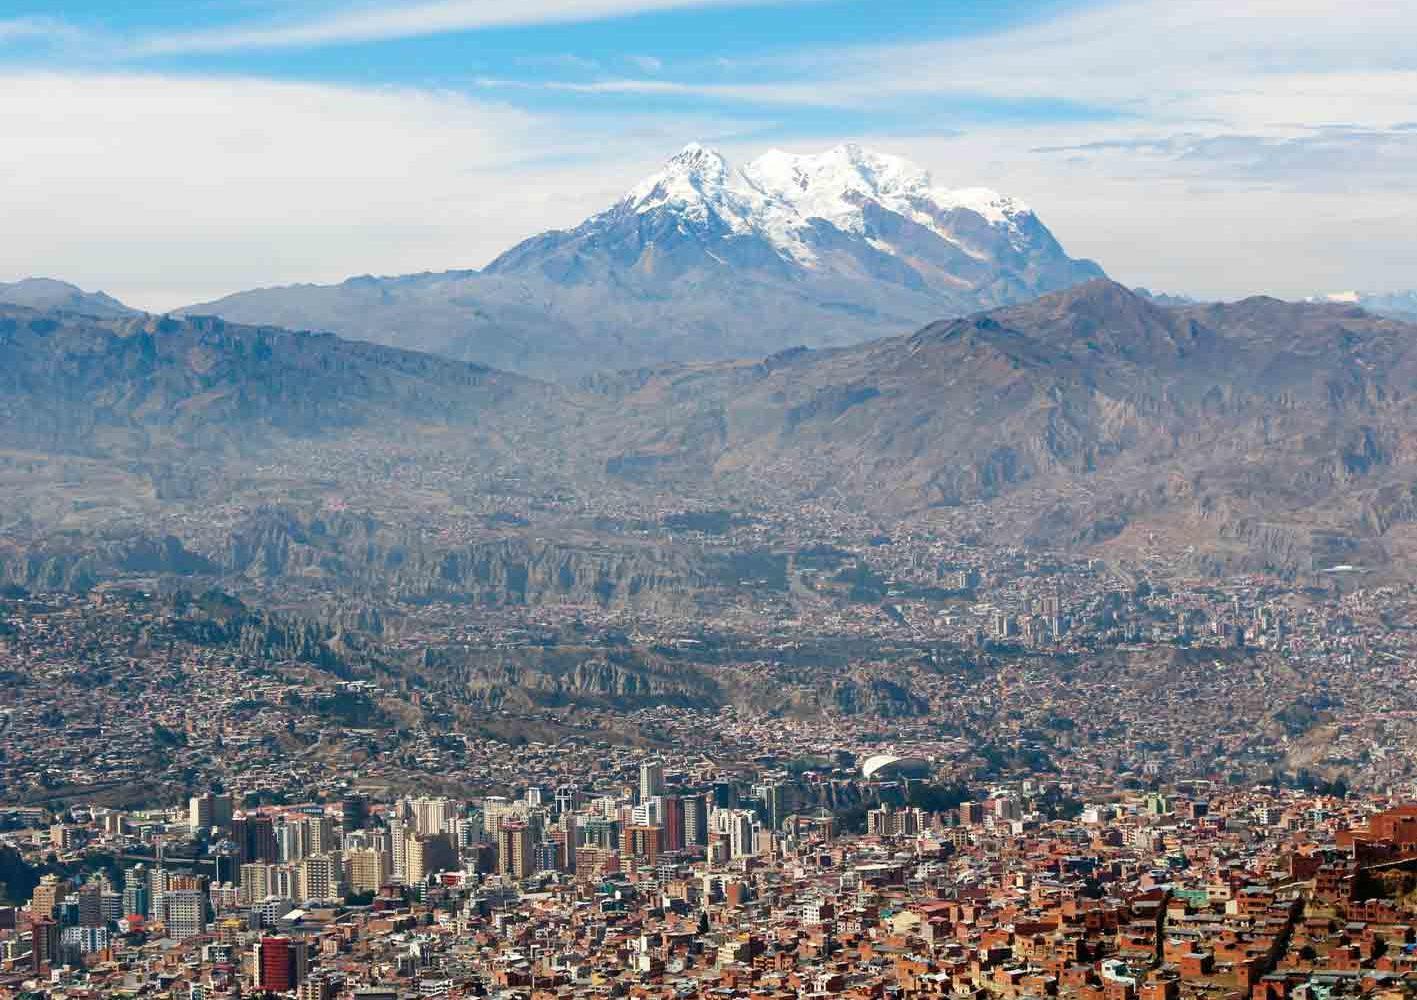 La Paz, im Hintergrund thront der Illimani, 6439 m